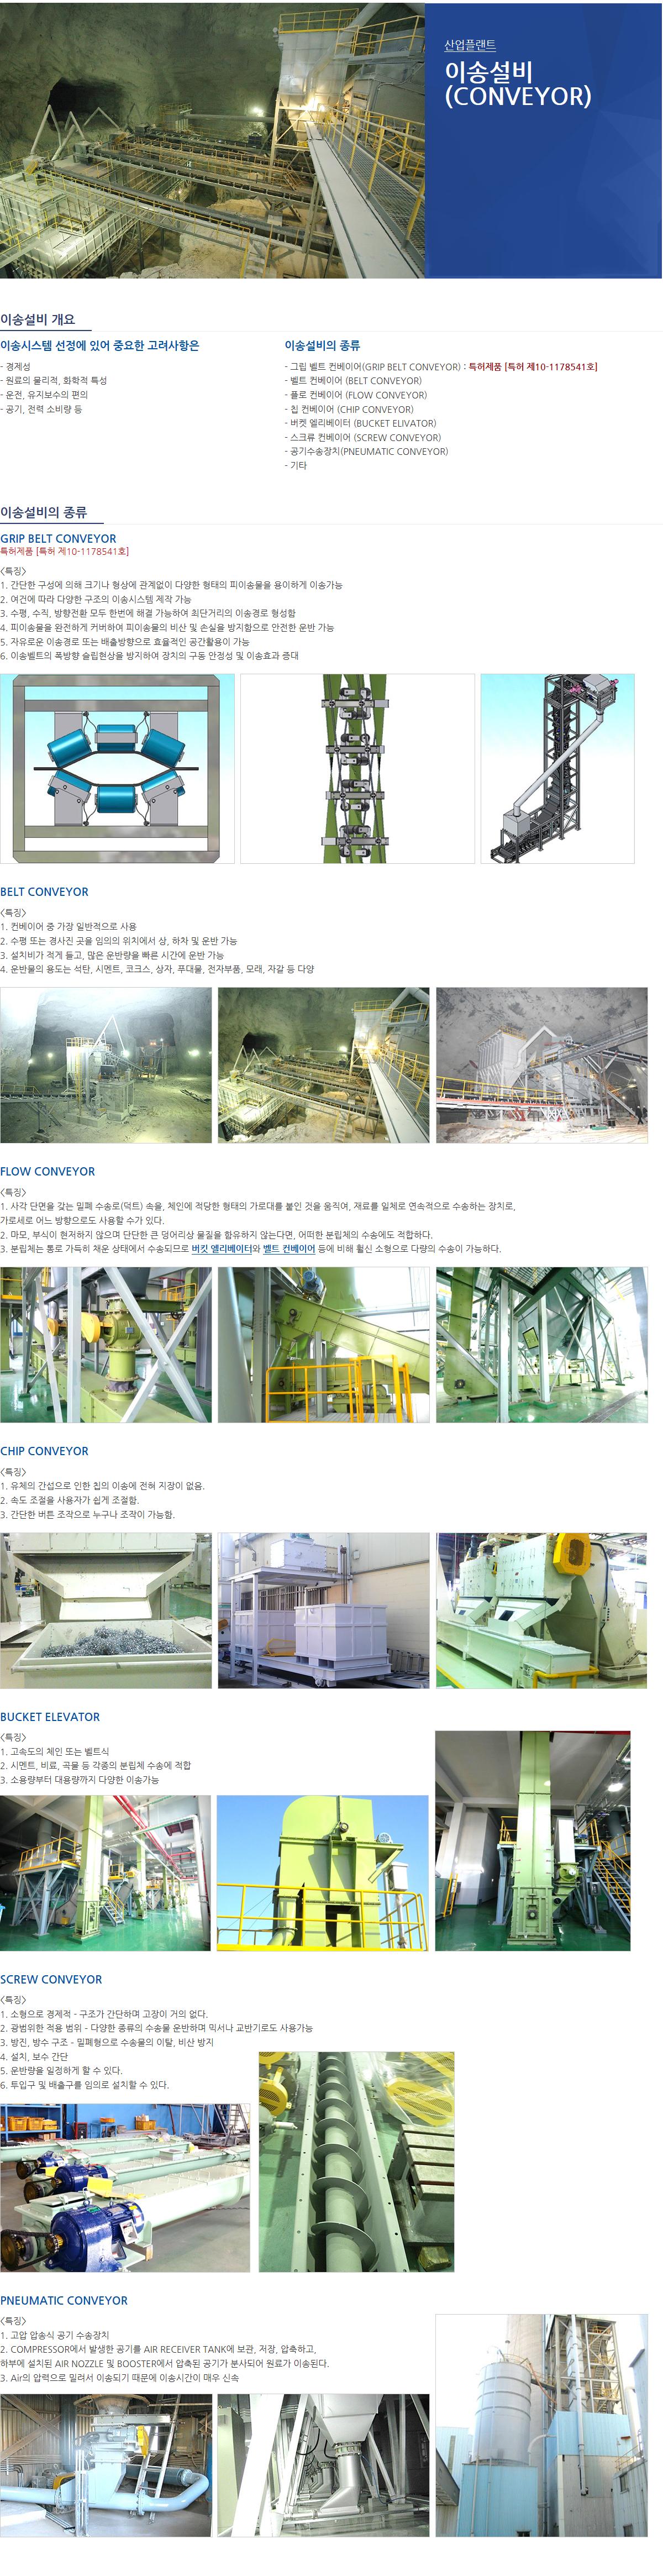 (주)신성플랜트 이송설비 (Conveyor)